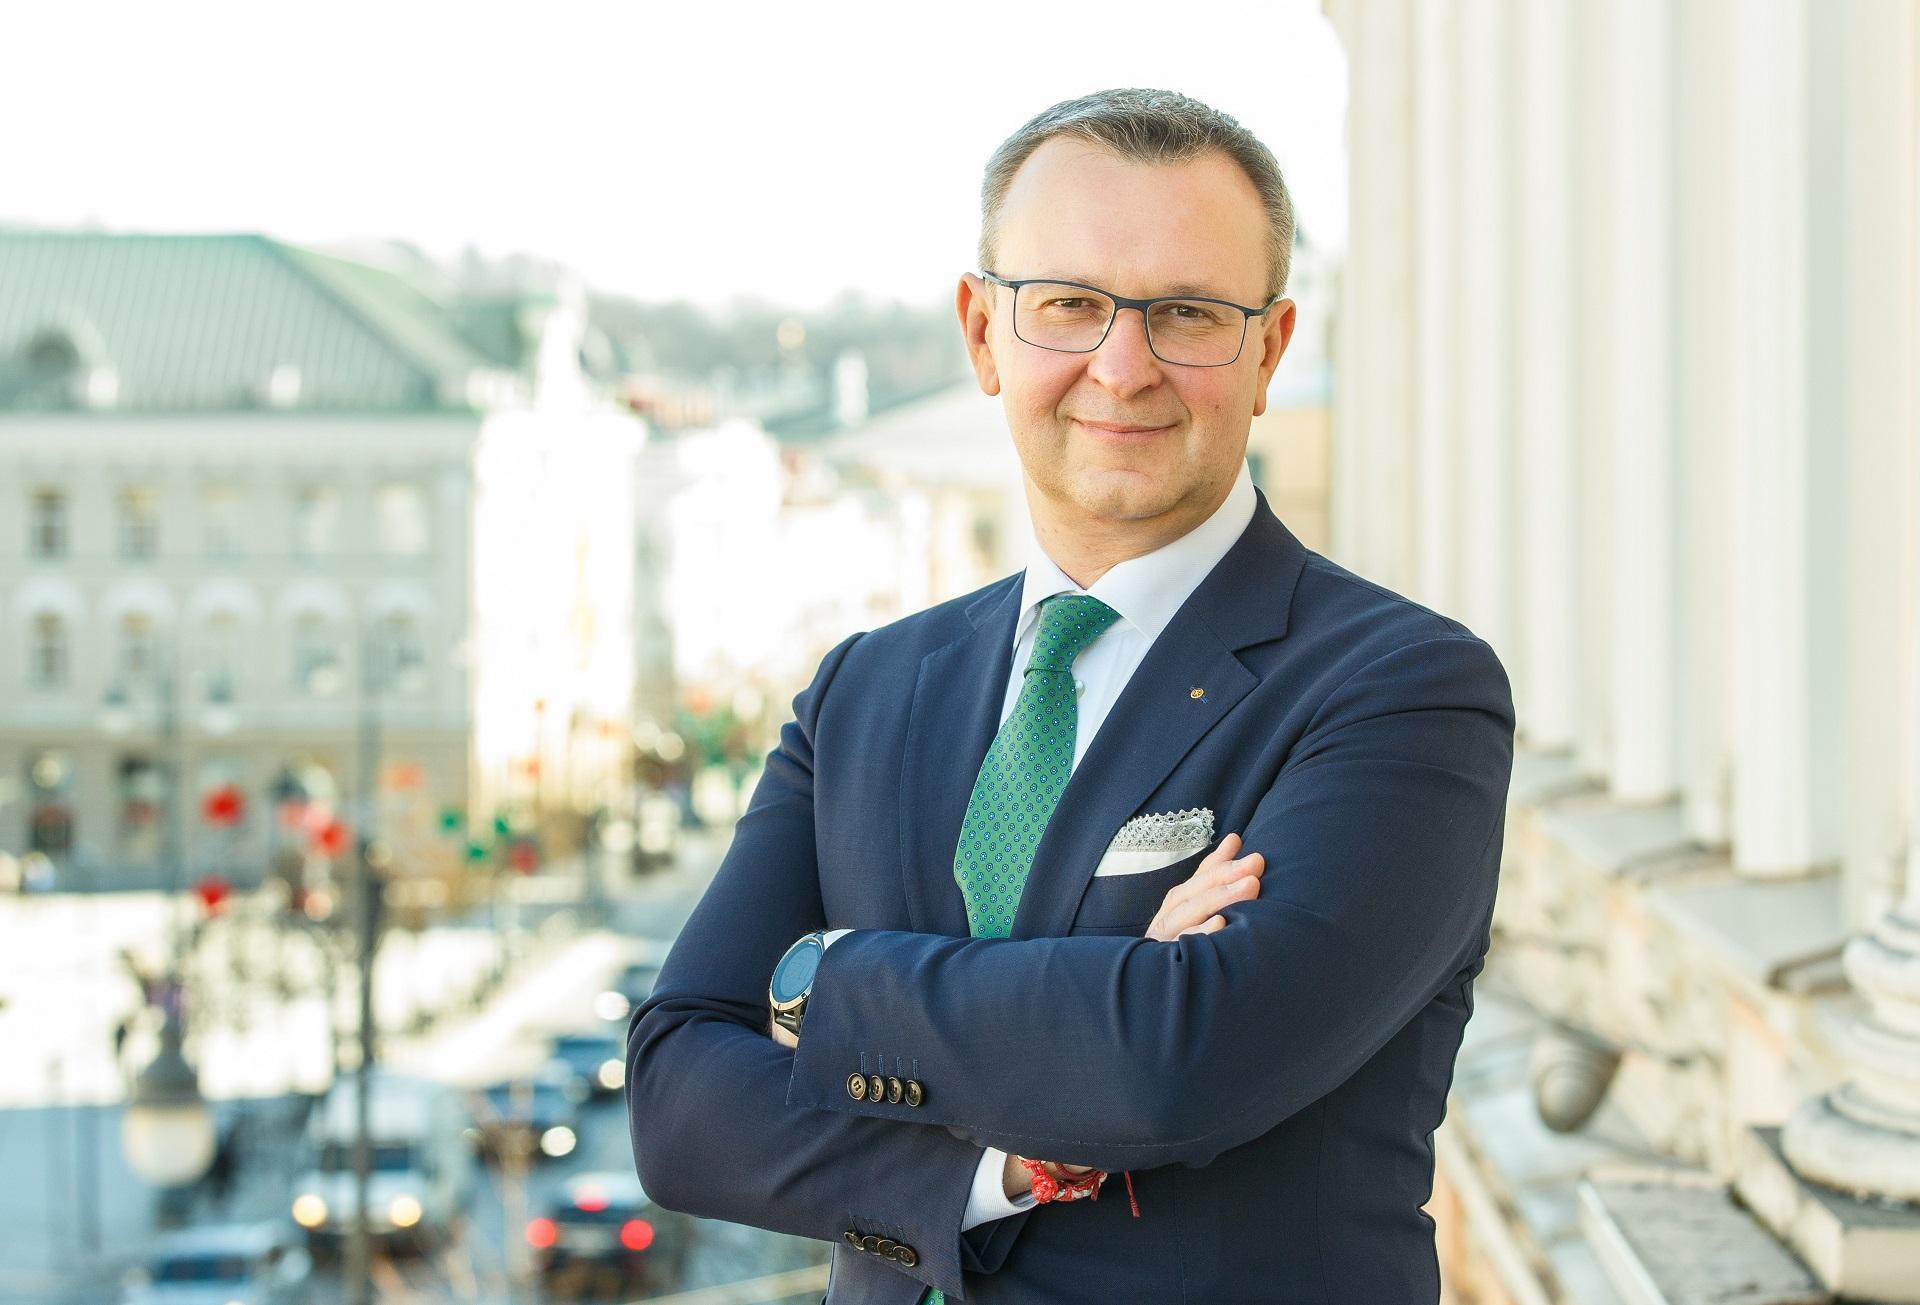 Lietuvos bankų asociacijos prezidentas Mantas Zalatorius teigia, jog vis daugiau paslaugų tampa skaitmeninės, tad ateityje jų pasiūla, tikėtina, tik plėsis. / Asmeninio archyvo nuotr.